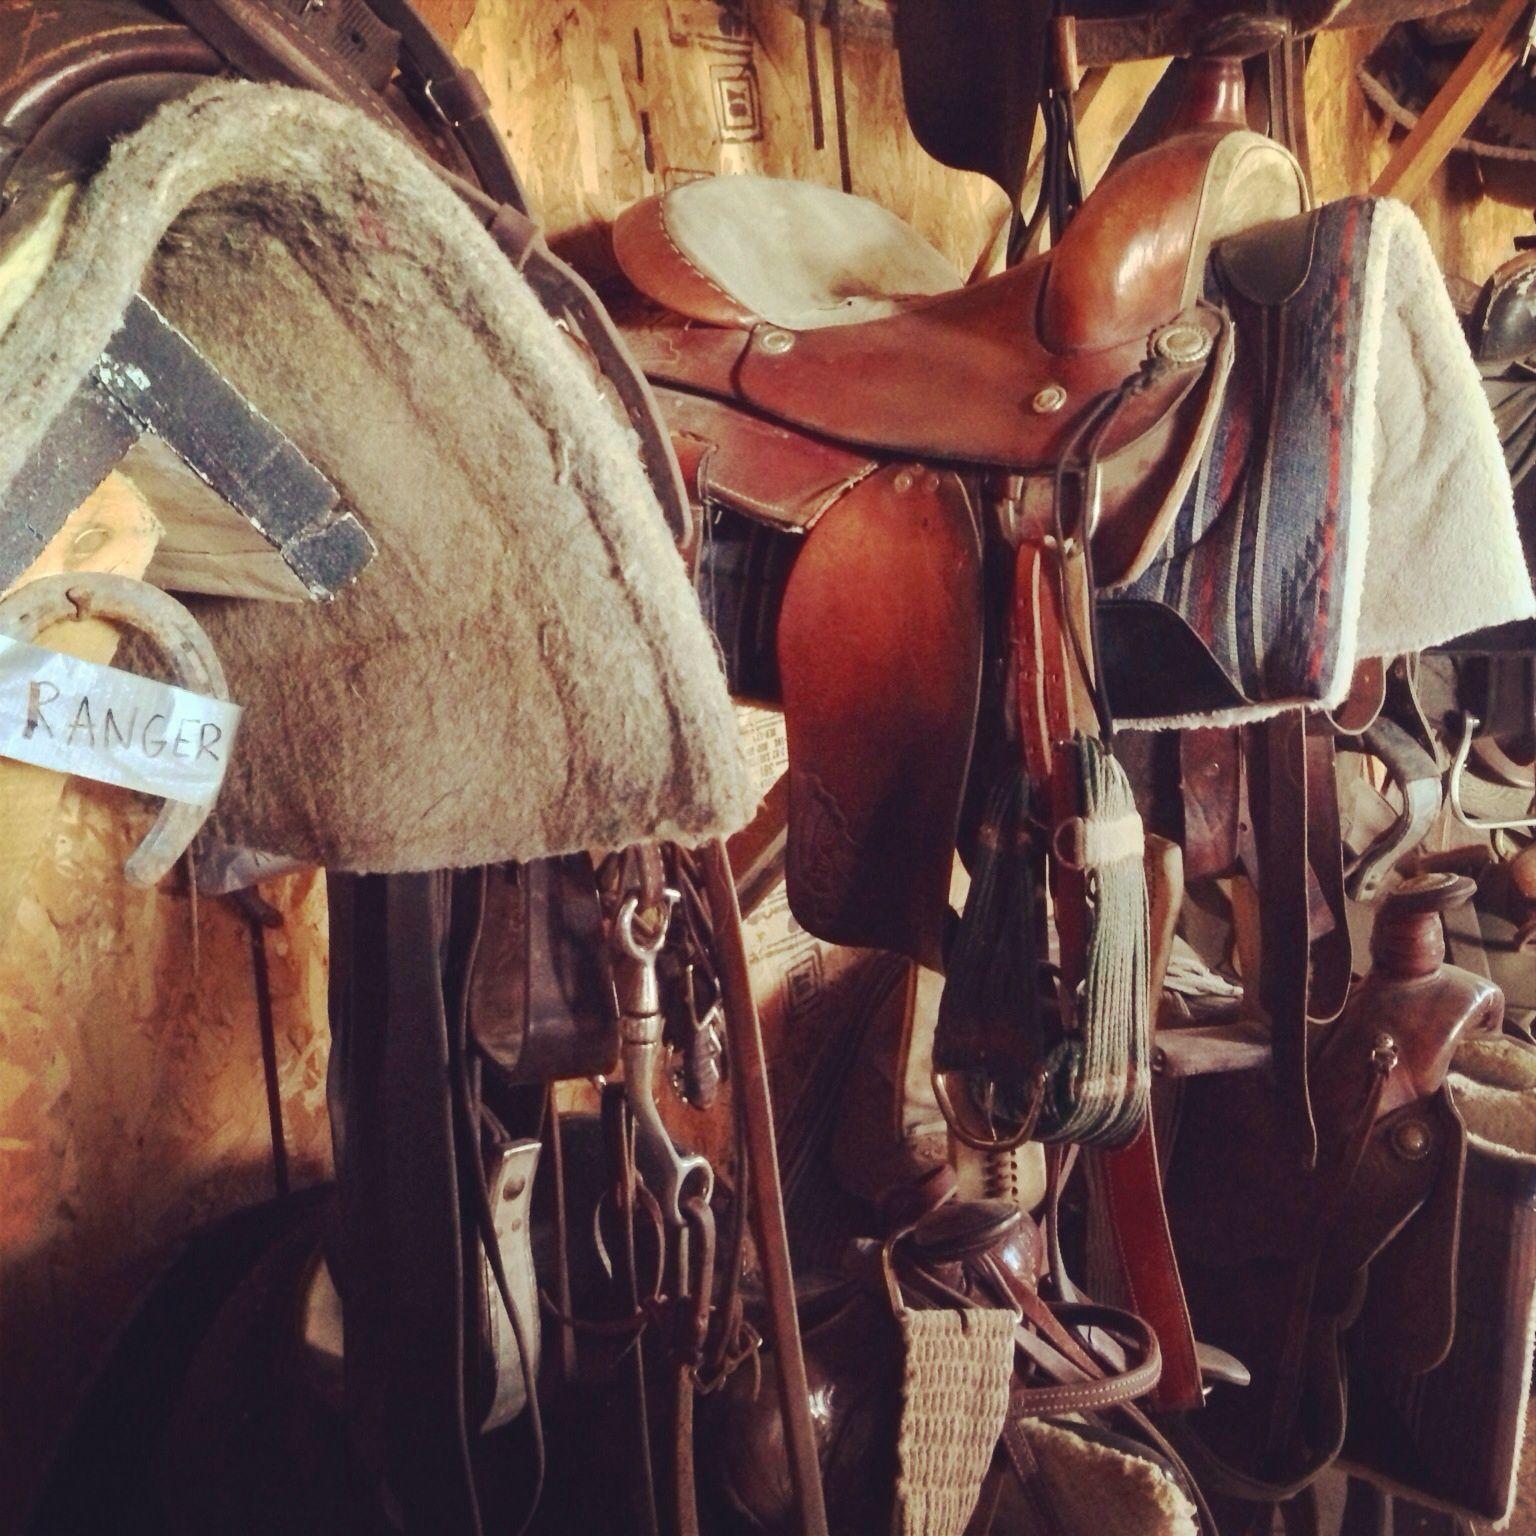 Rangers saddle.